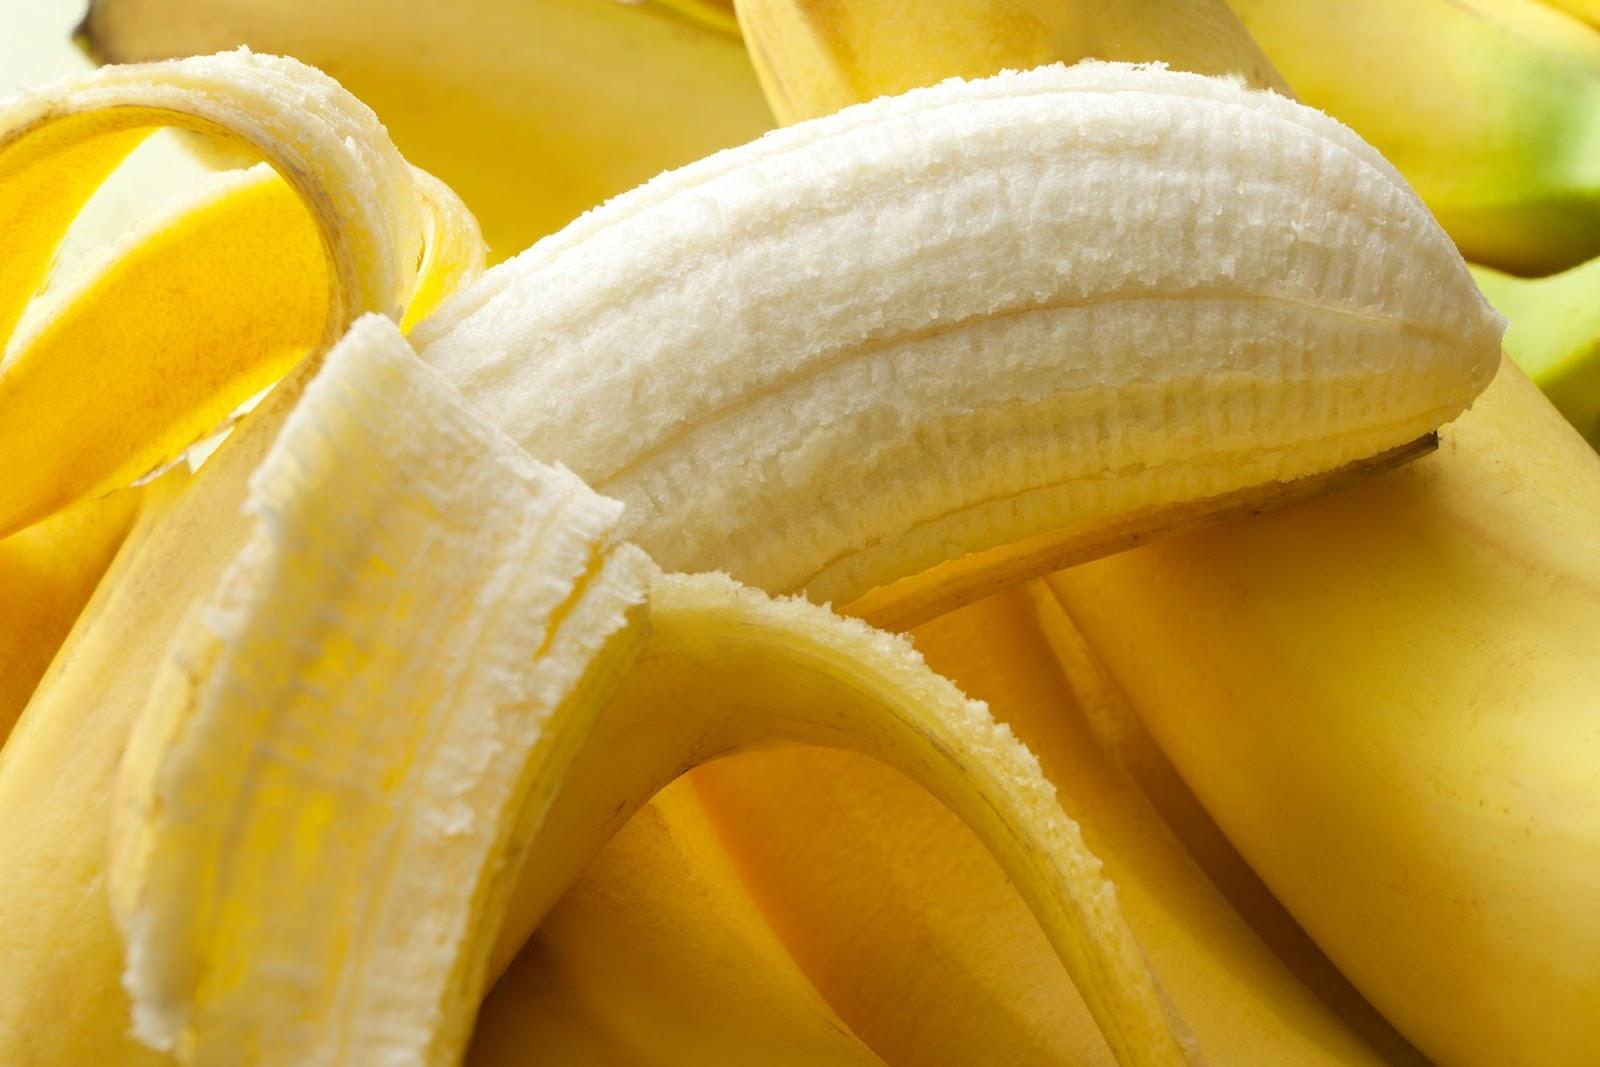 Banana is a natural high-fiber rich fruit.